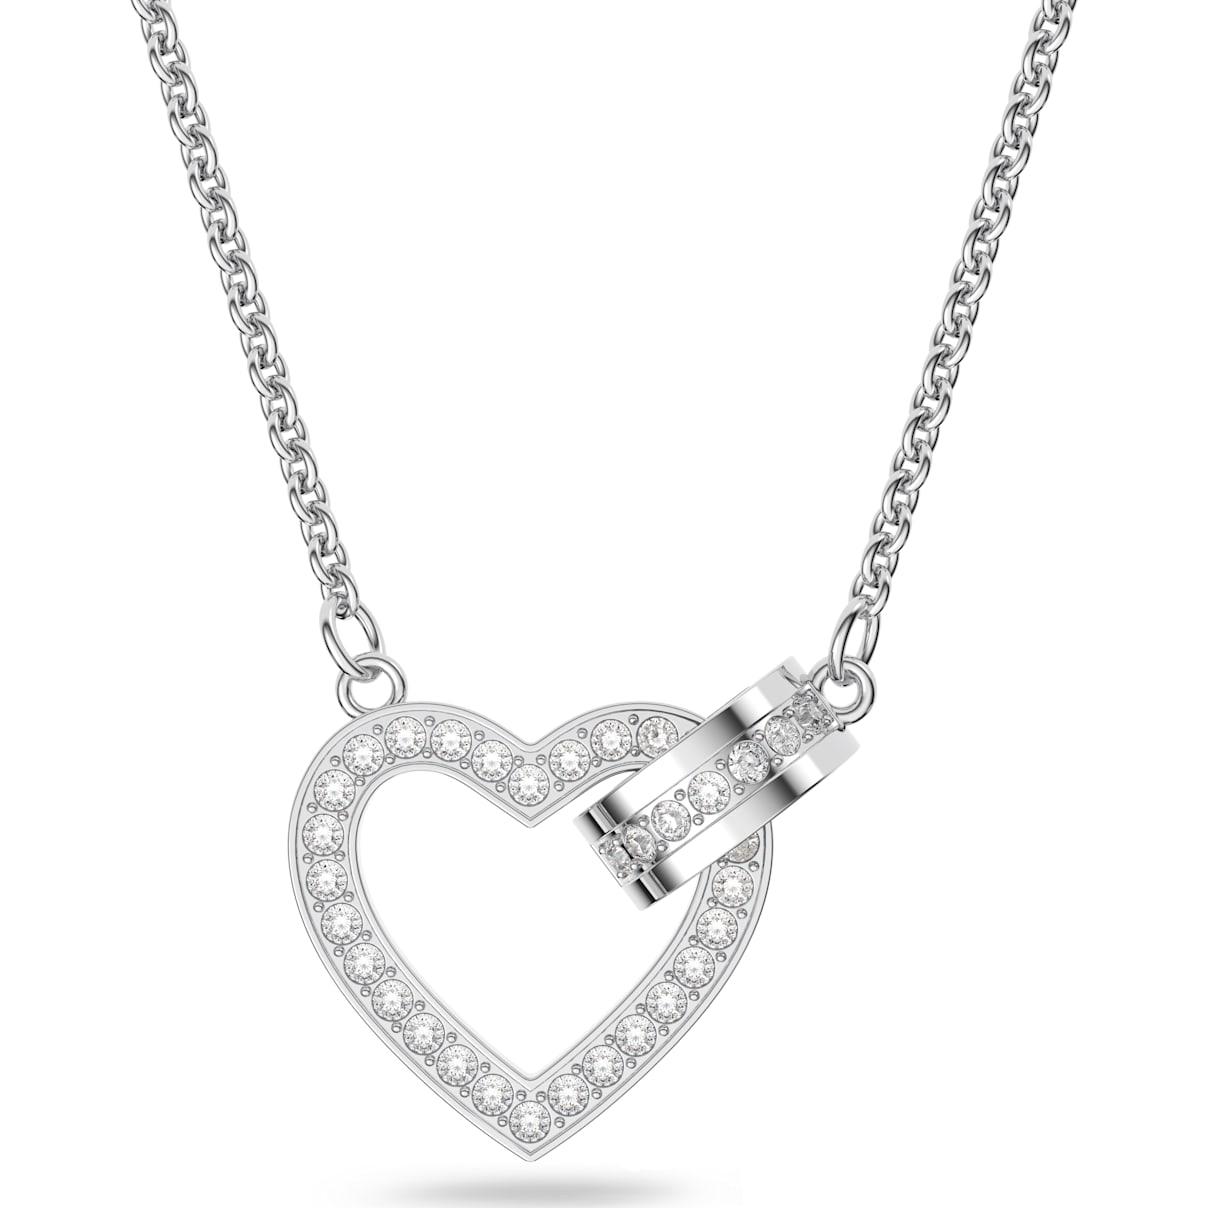 Swarovski Lovely Necklace, White, Rhodium plated